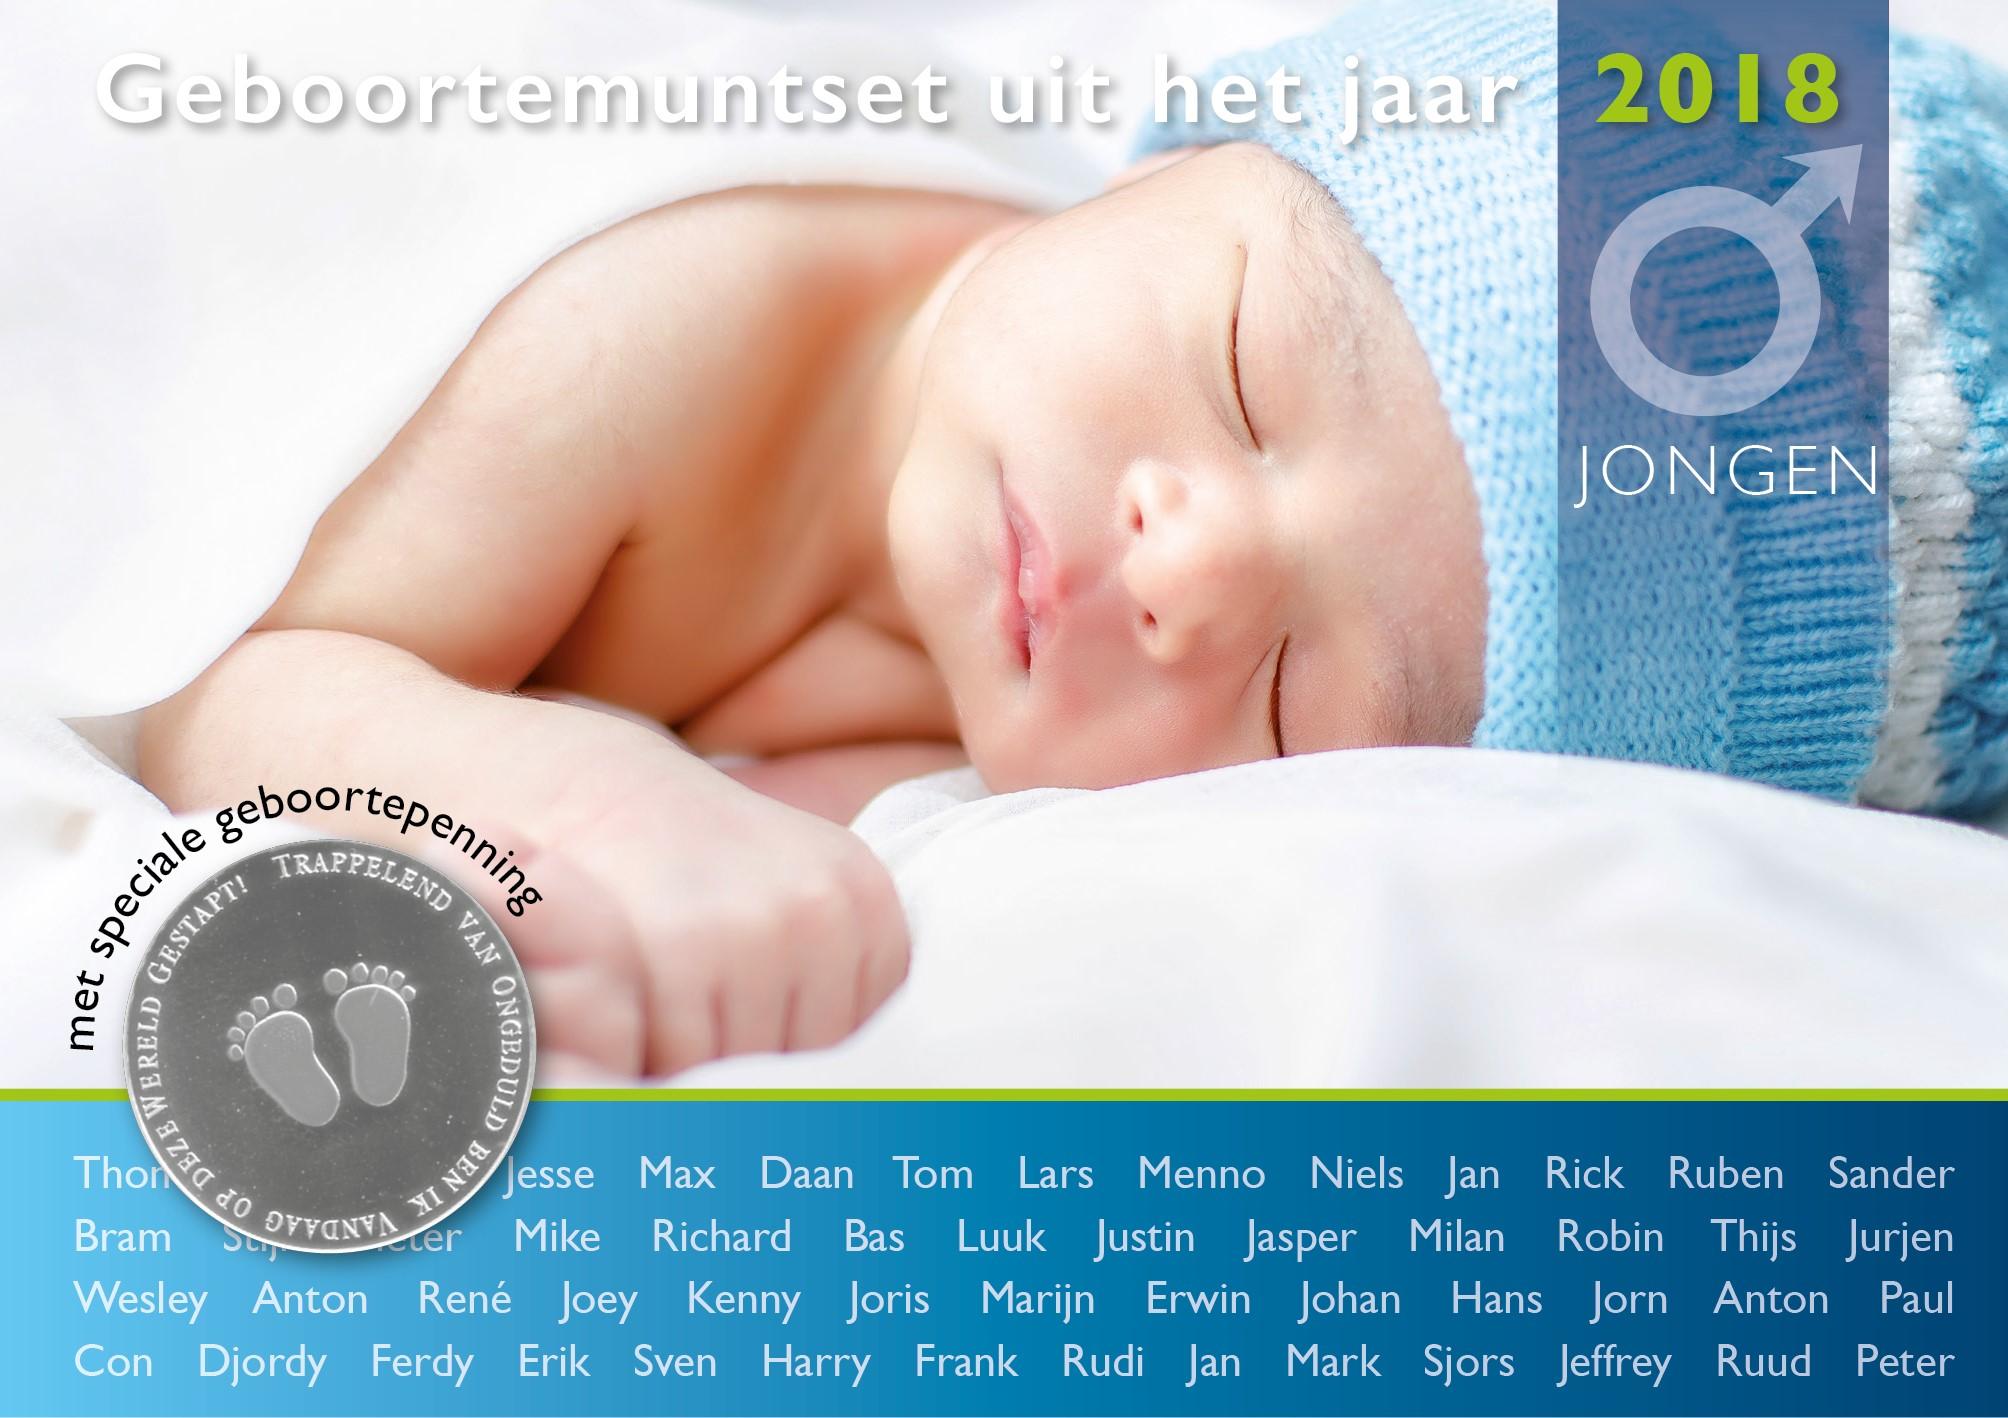 Geboorteset baby jongen theo peters numismatiek filatelie